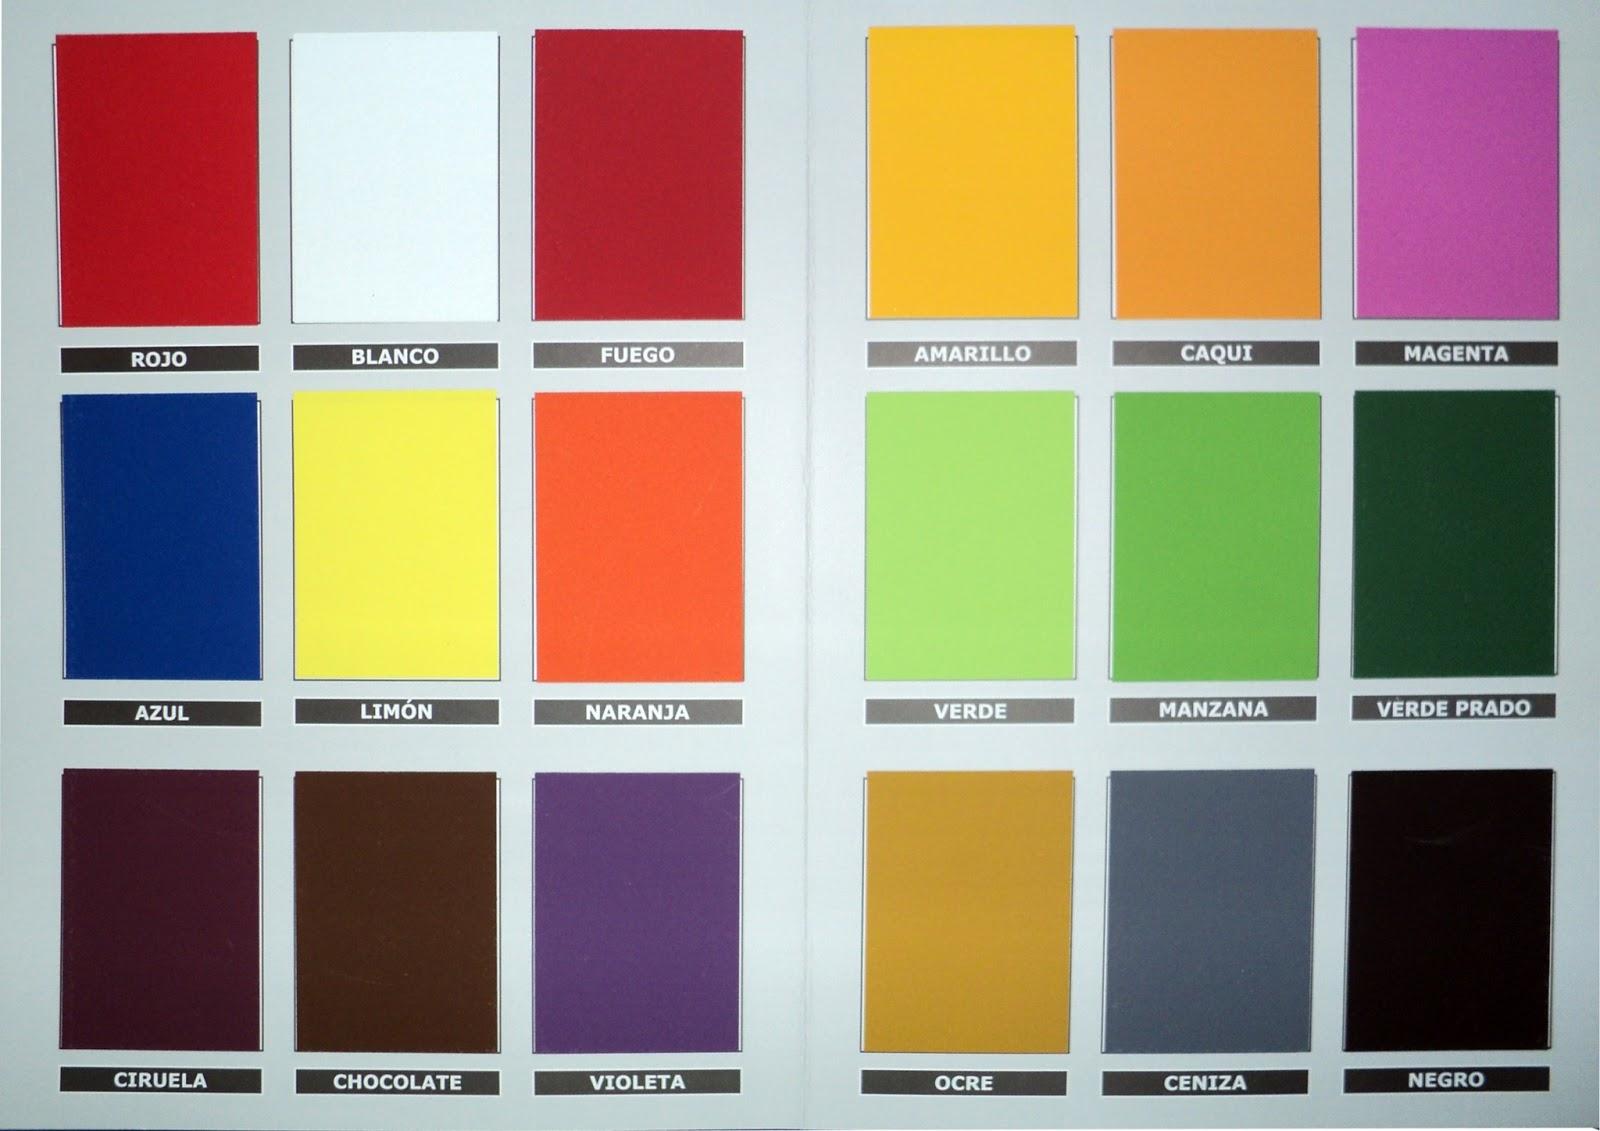 Gama De Colores Azules En Pintura Colores Violetaspng Carta De - Carta-colores-pintura-pared